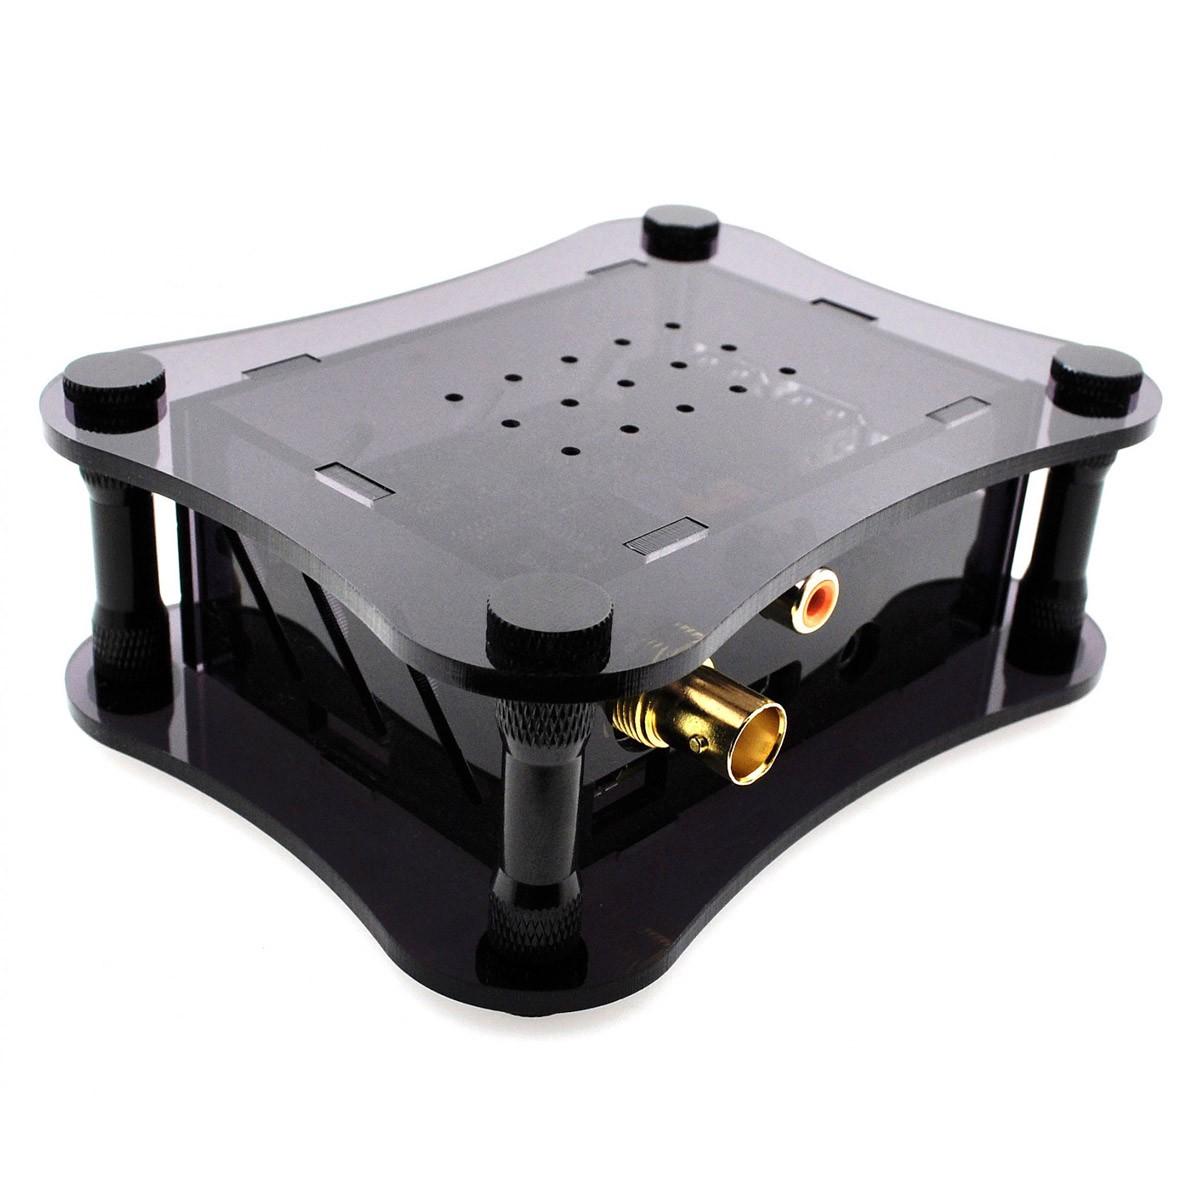 ALLO DIGIONE PLAYER Lecteur Réseau Raspberry Pi 4 Interface Digitale DigiOne Volumio Pré-Installé Noir